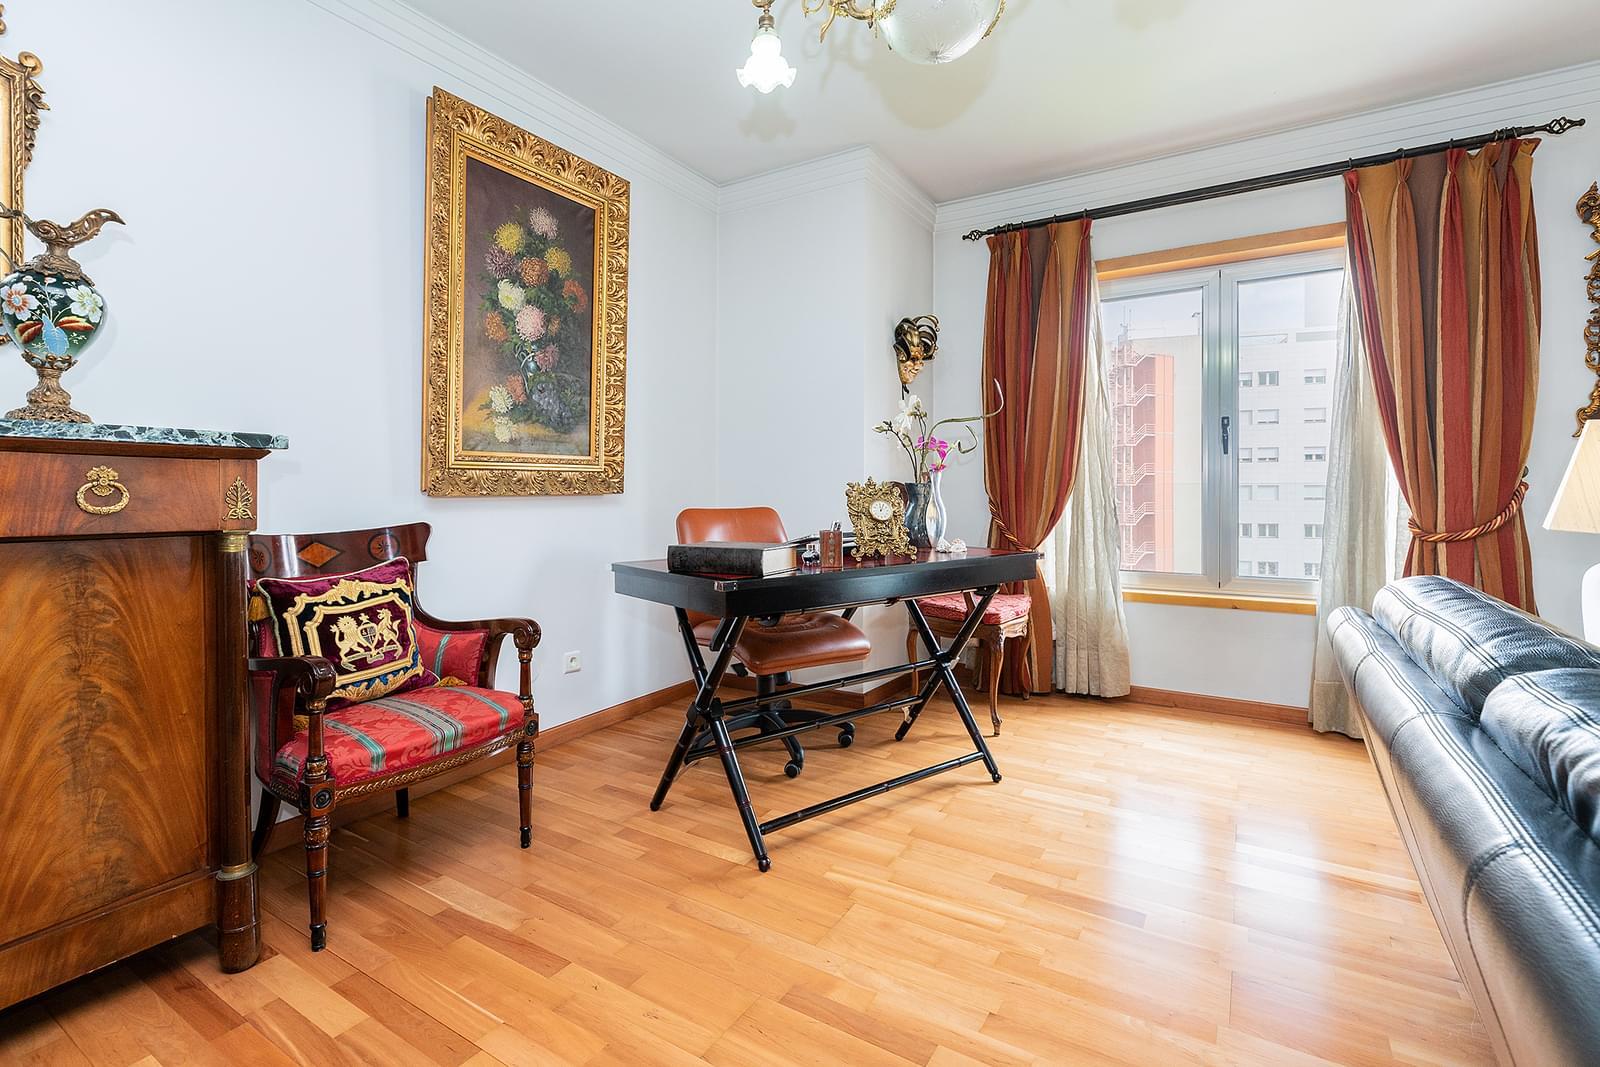 pf18049-apartamento-t3-lisboa-ad640228-498f-4761-b32a-9f6a85a22638